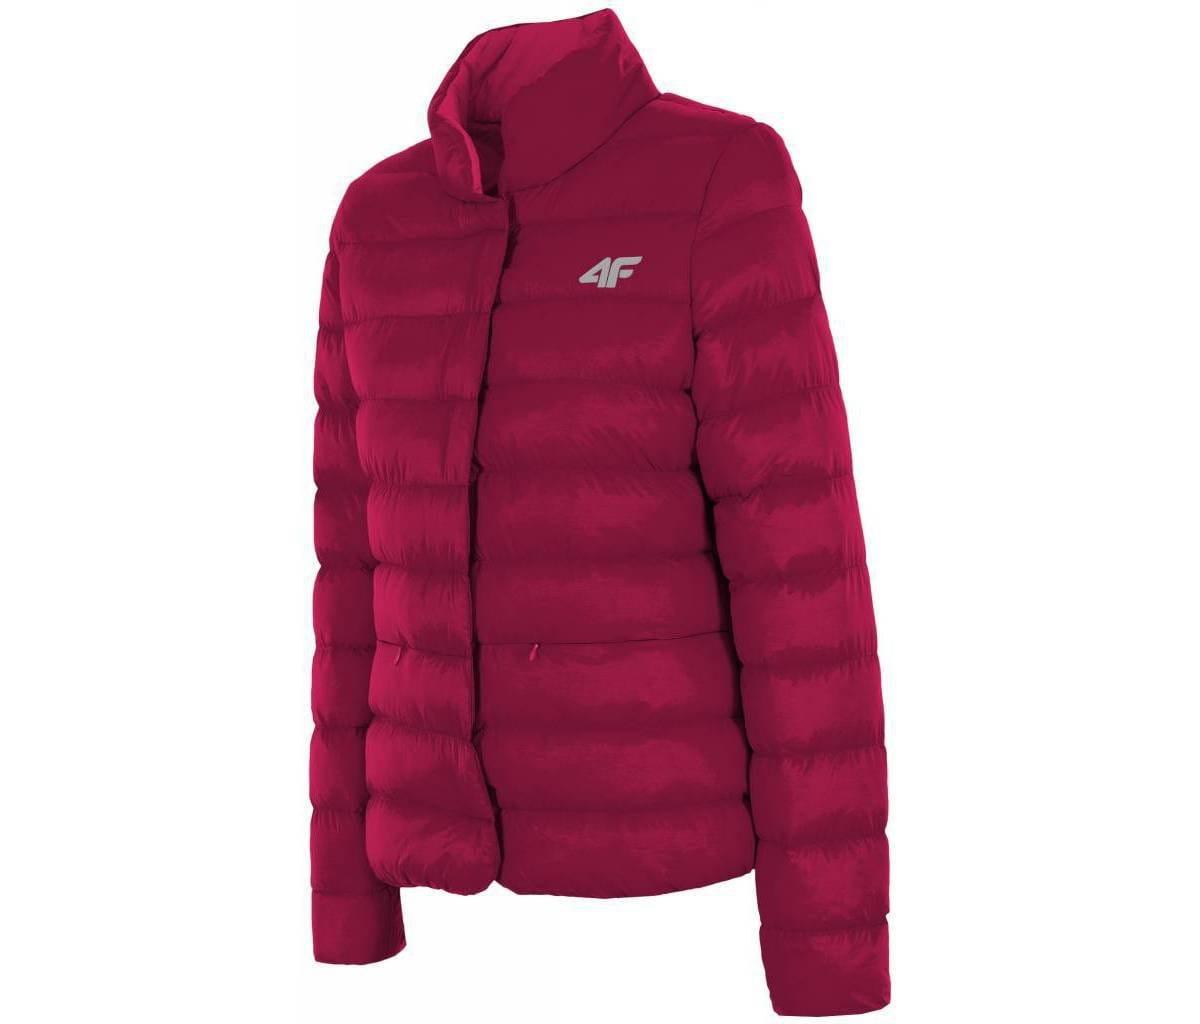 Bundy 4F Ladies jacket KUD009